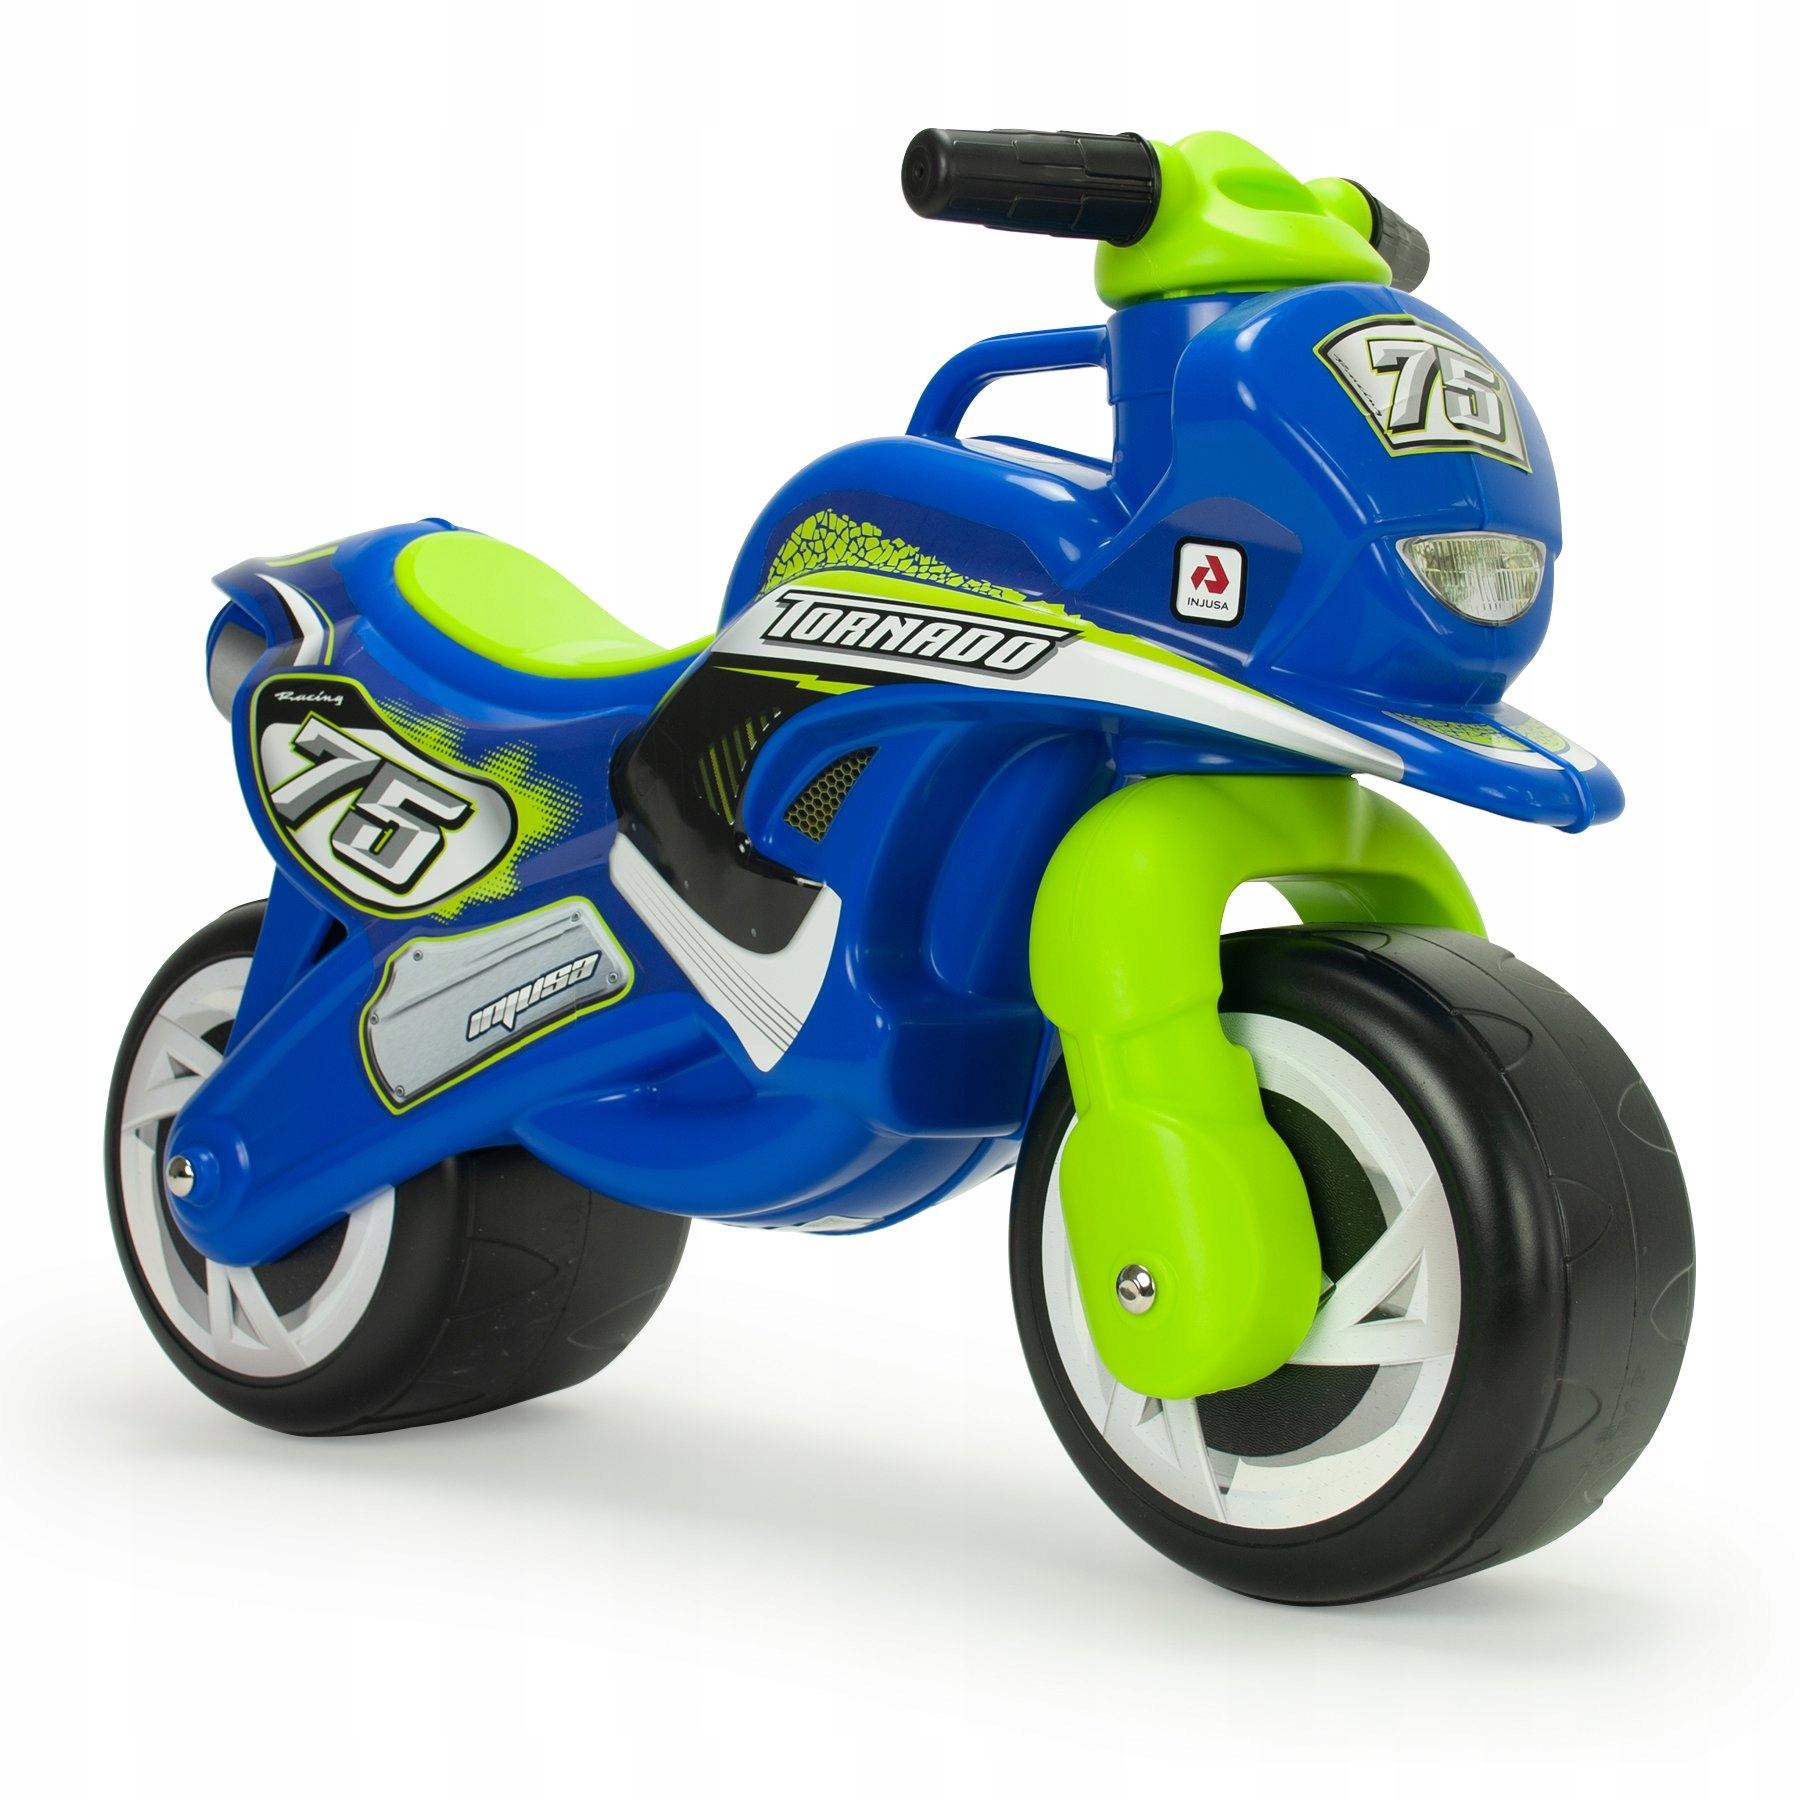 Motor Biegowy Jezdzik Dla Dzieci Odpychacz Injusa 9298506707 Allegro Pl